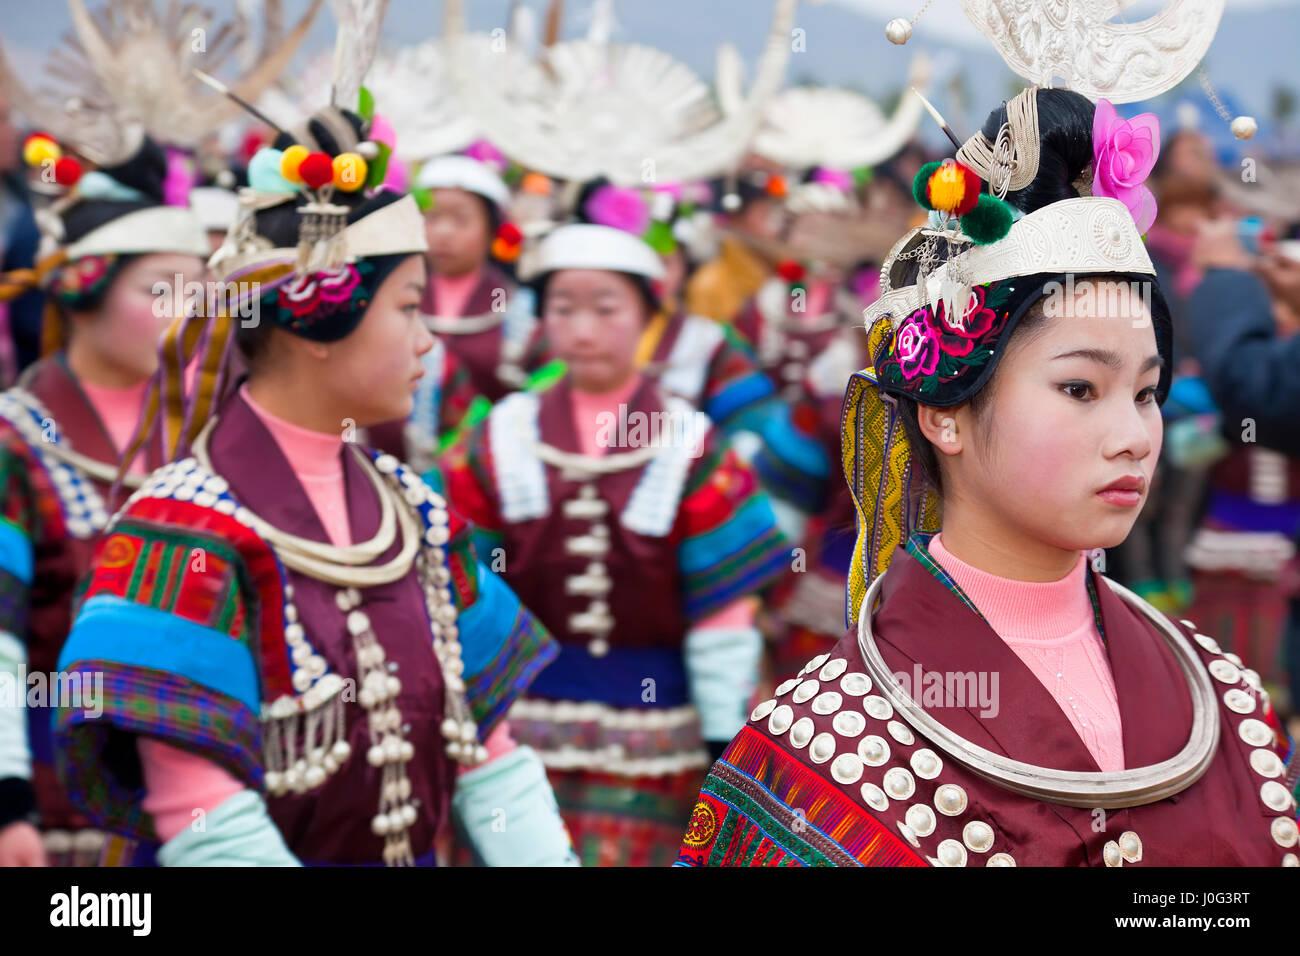 Miao noir filles dansant au festival, Kaili, province de Guizhou, Chine Photo Stock